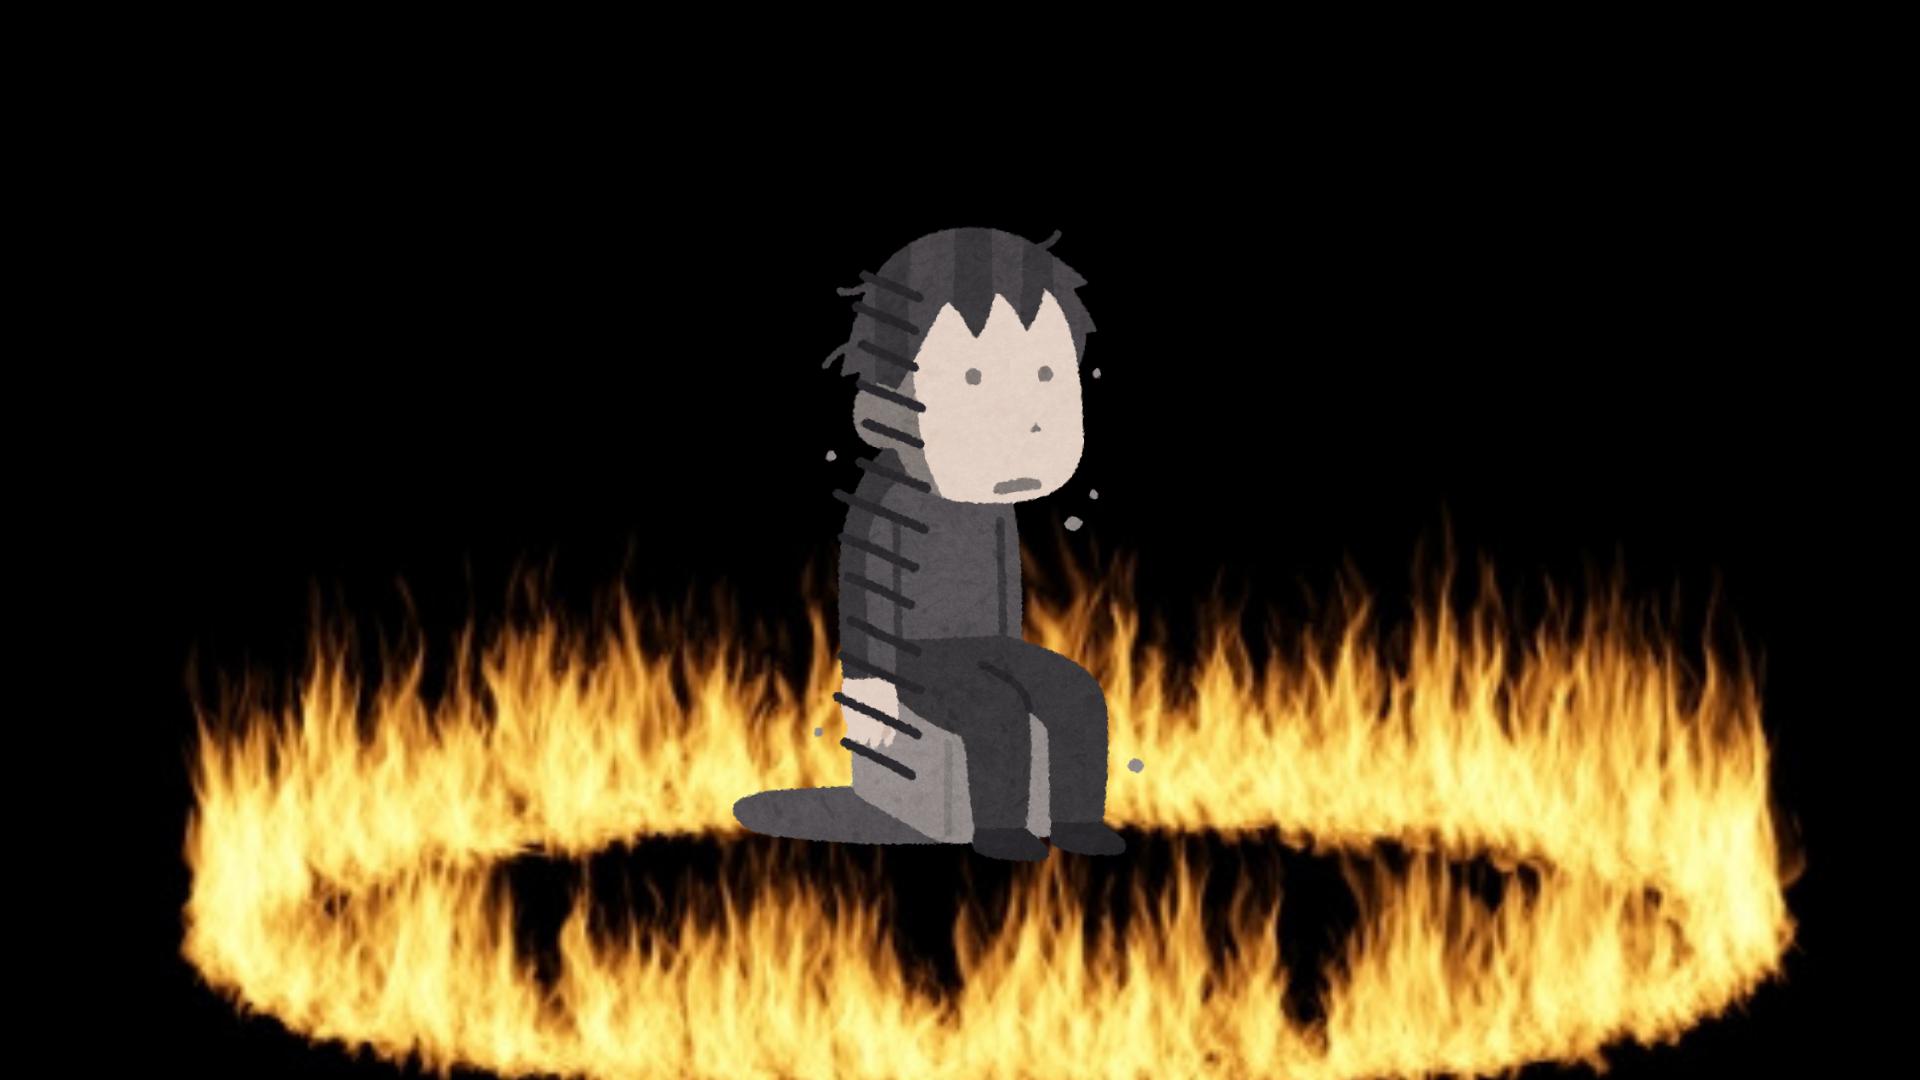 燃え尽き症候群,バーンアウト